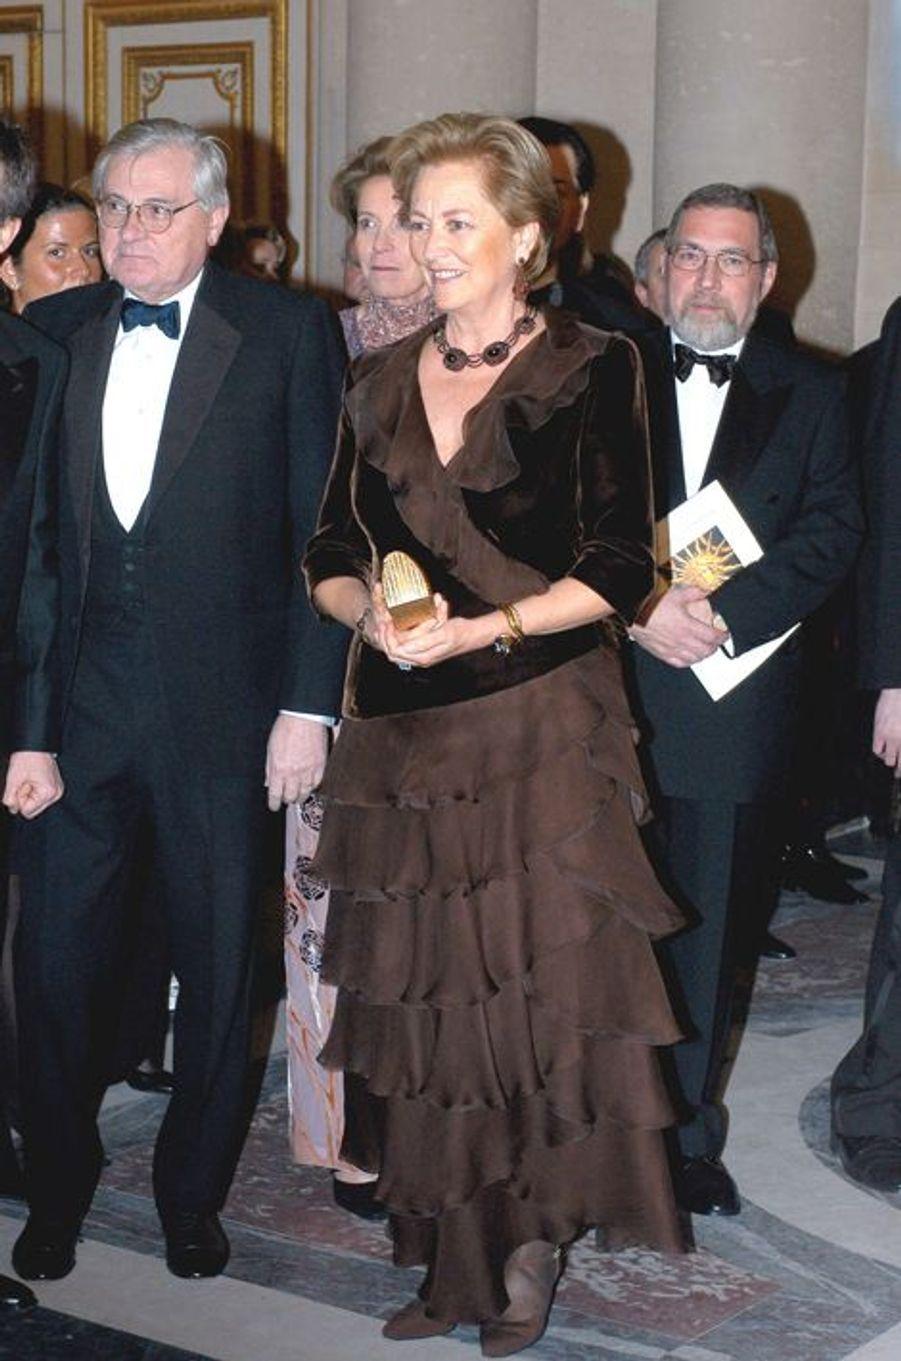 La reine Paola de Belgique au château de Versailles, le 2 décembre 2002